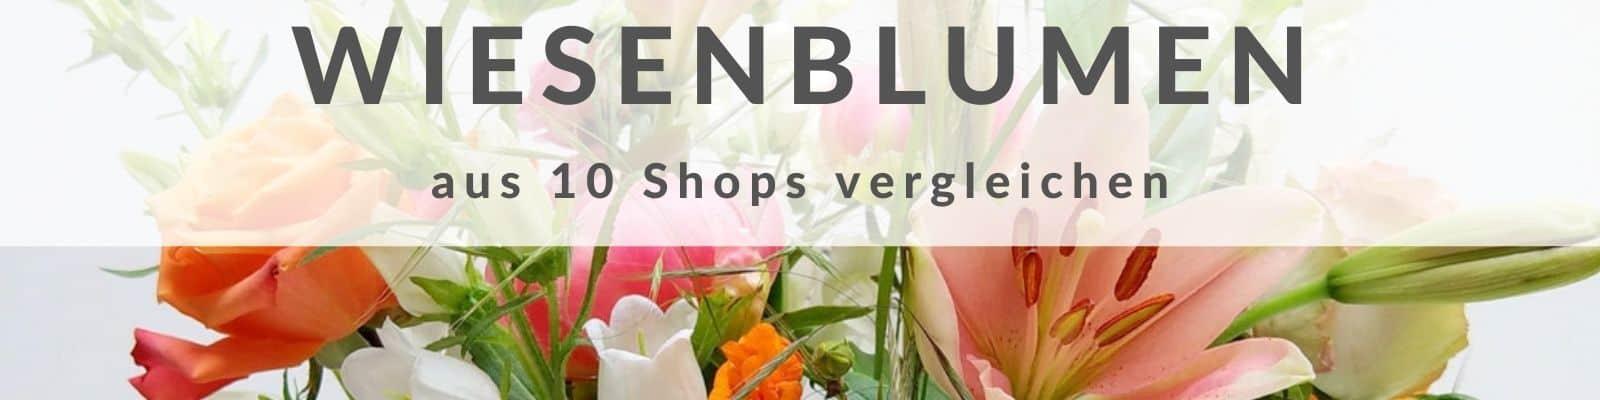 Wiesenblumen - Wiesenblumenstrauß kaufen